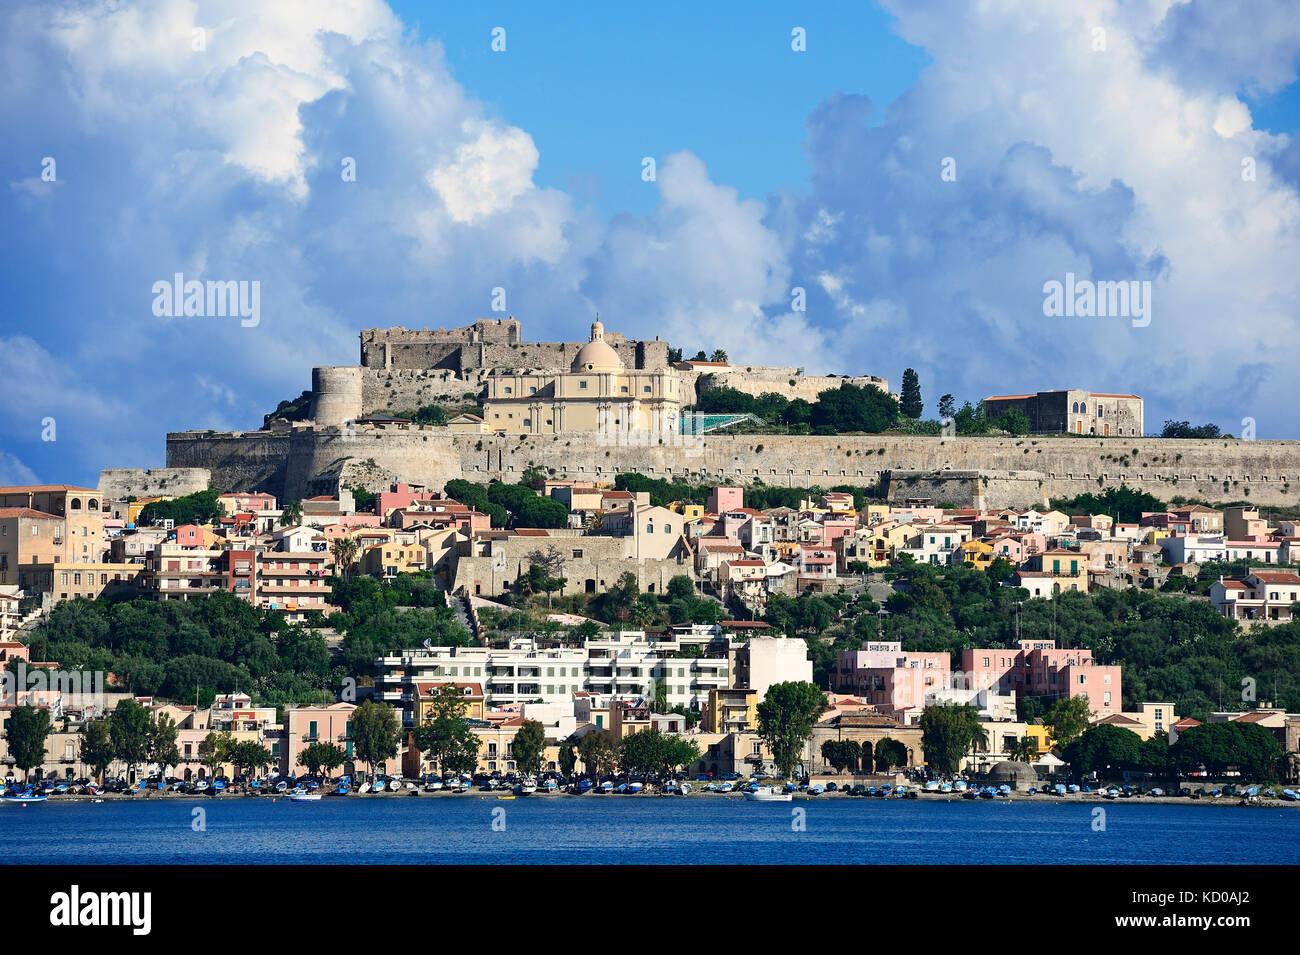 Castello e Duomo Vecchio, Milazzo, isole Lipari, Italia Immagini Stock